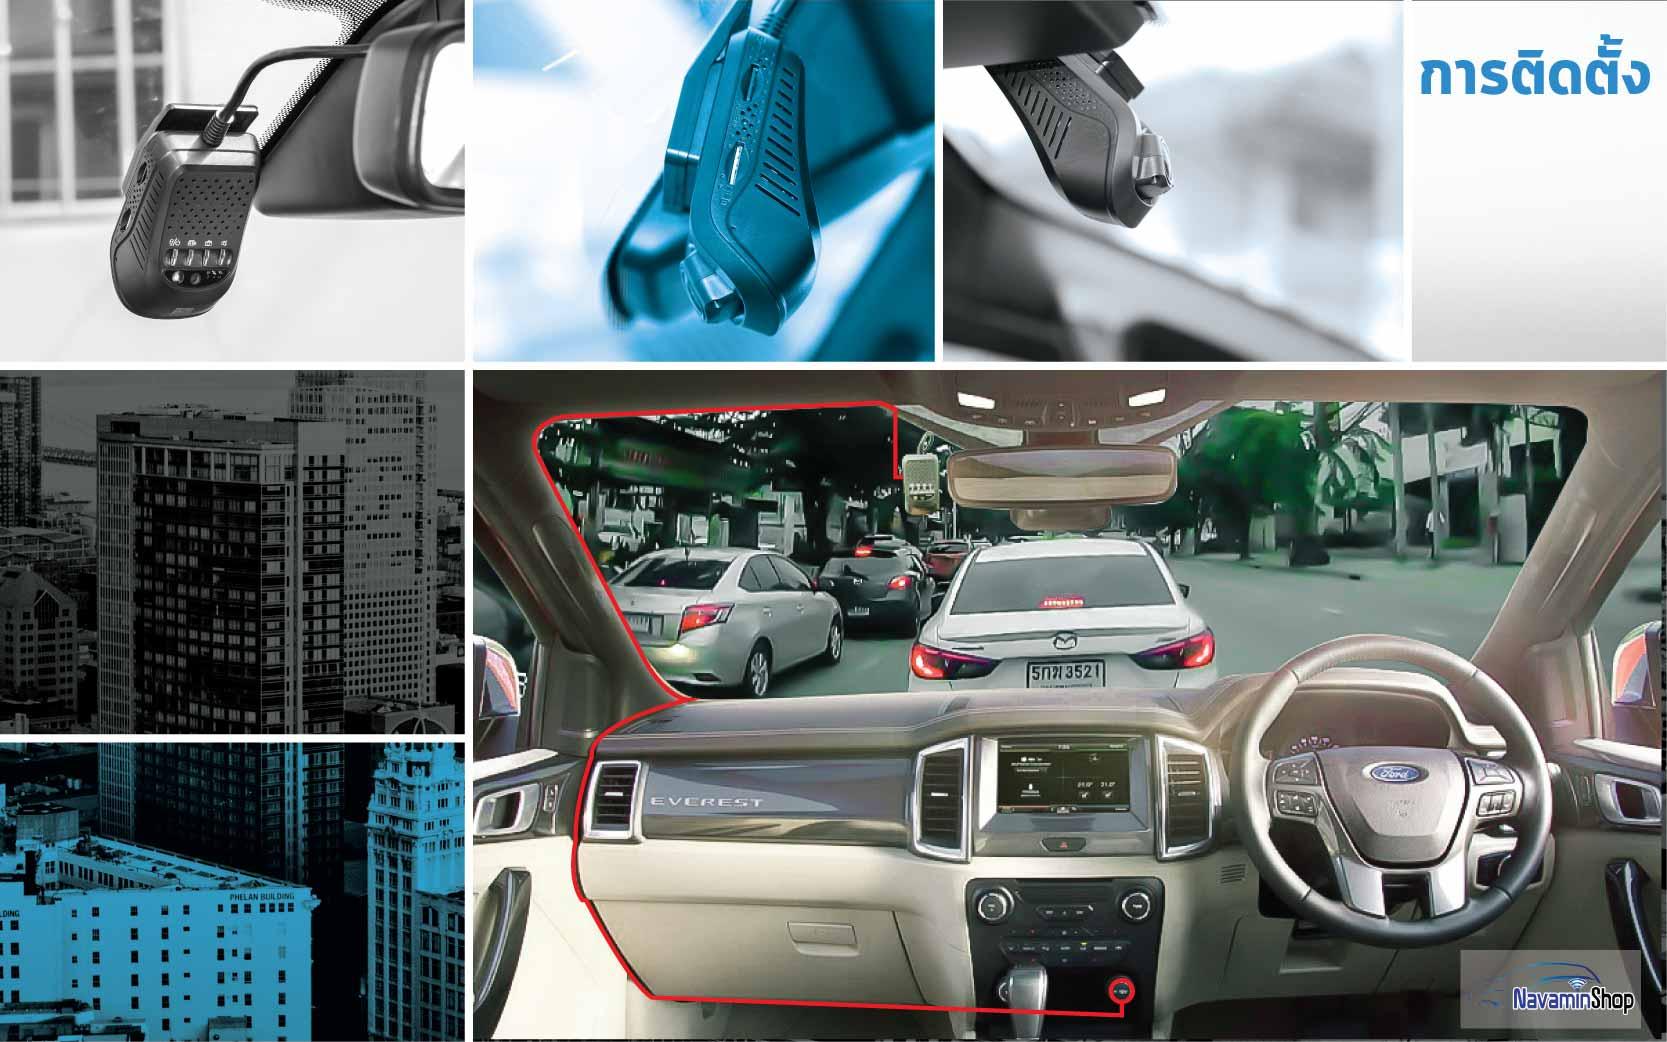 การติดตั้งกล่องติดรถยนต์3G TRACKER CCTV  เสียบสายไฟ พร้อมทำงานได้เลย สามารถติดตั้งเองได้อย่างง่ายดาย